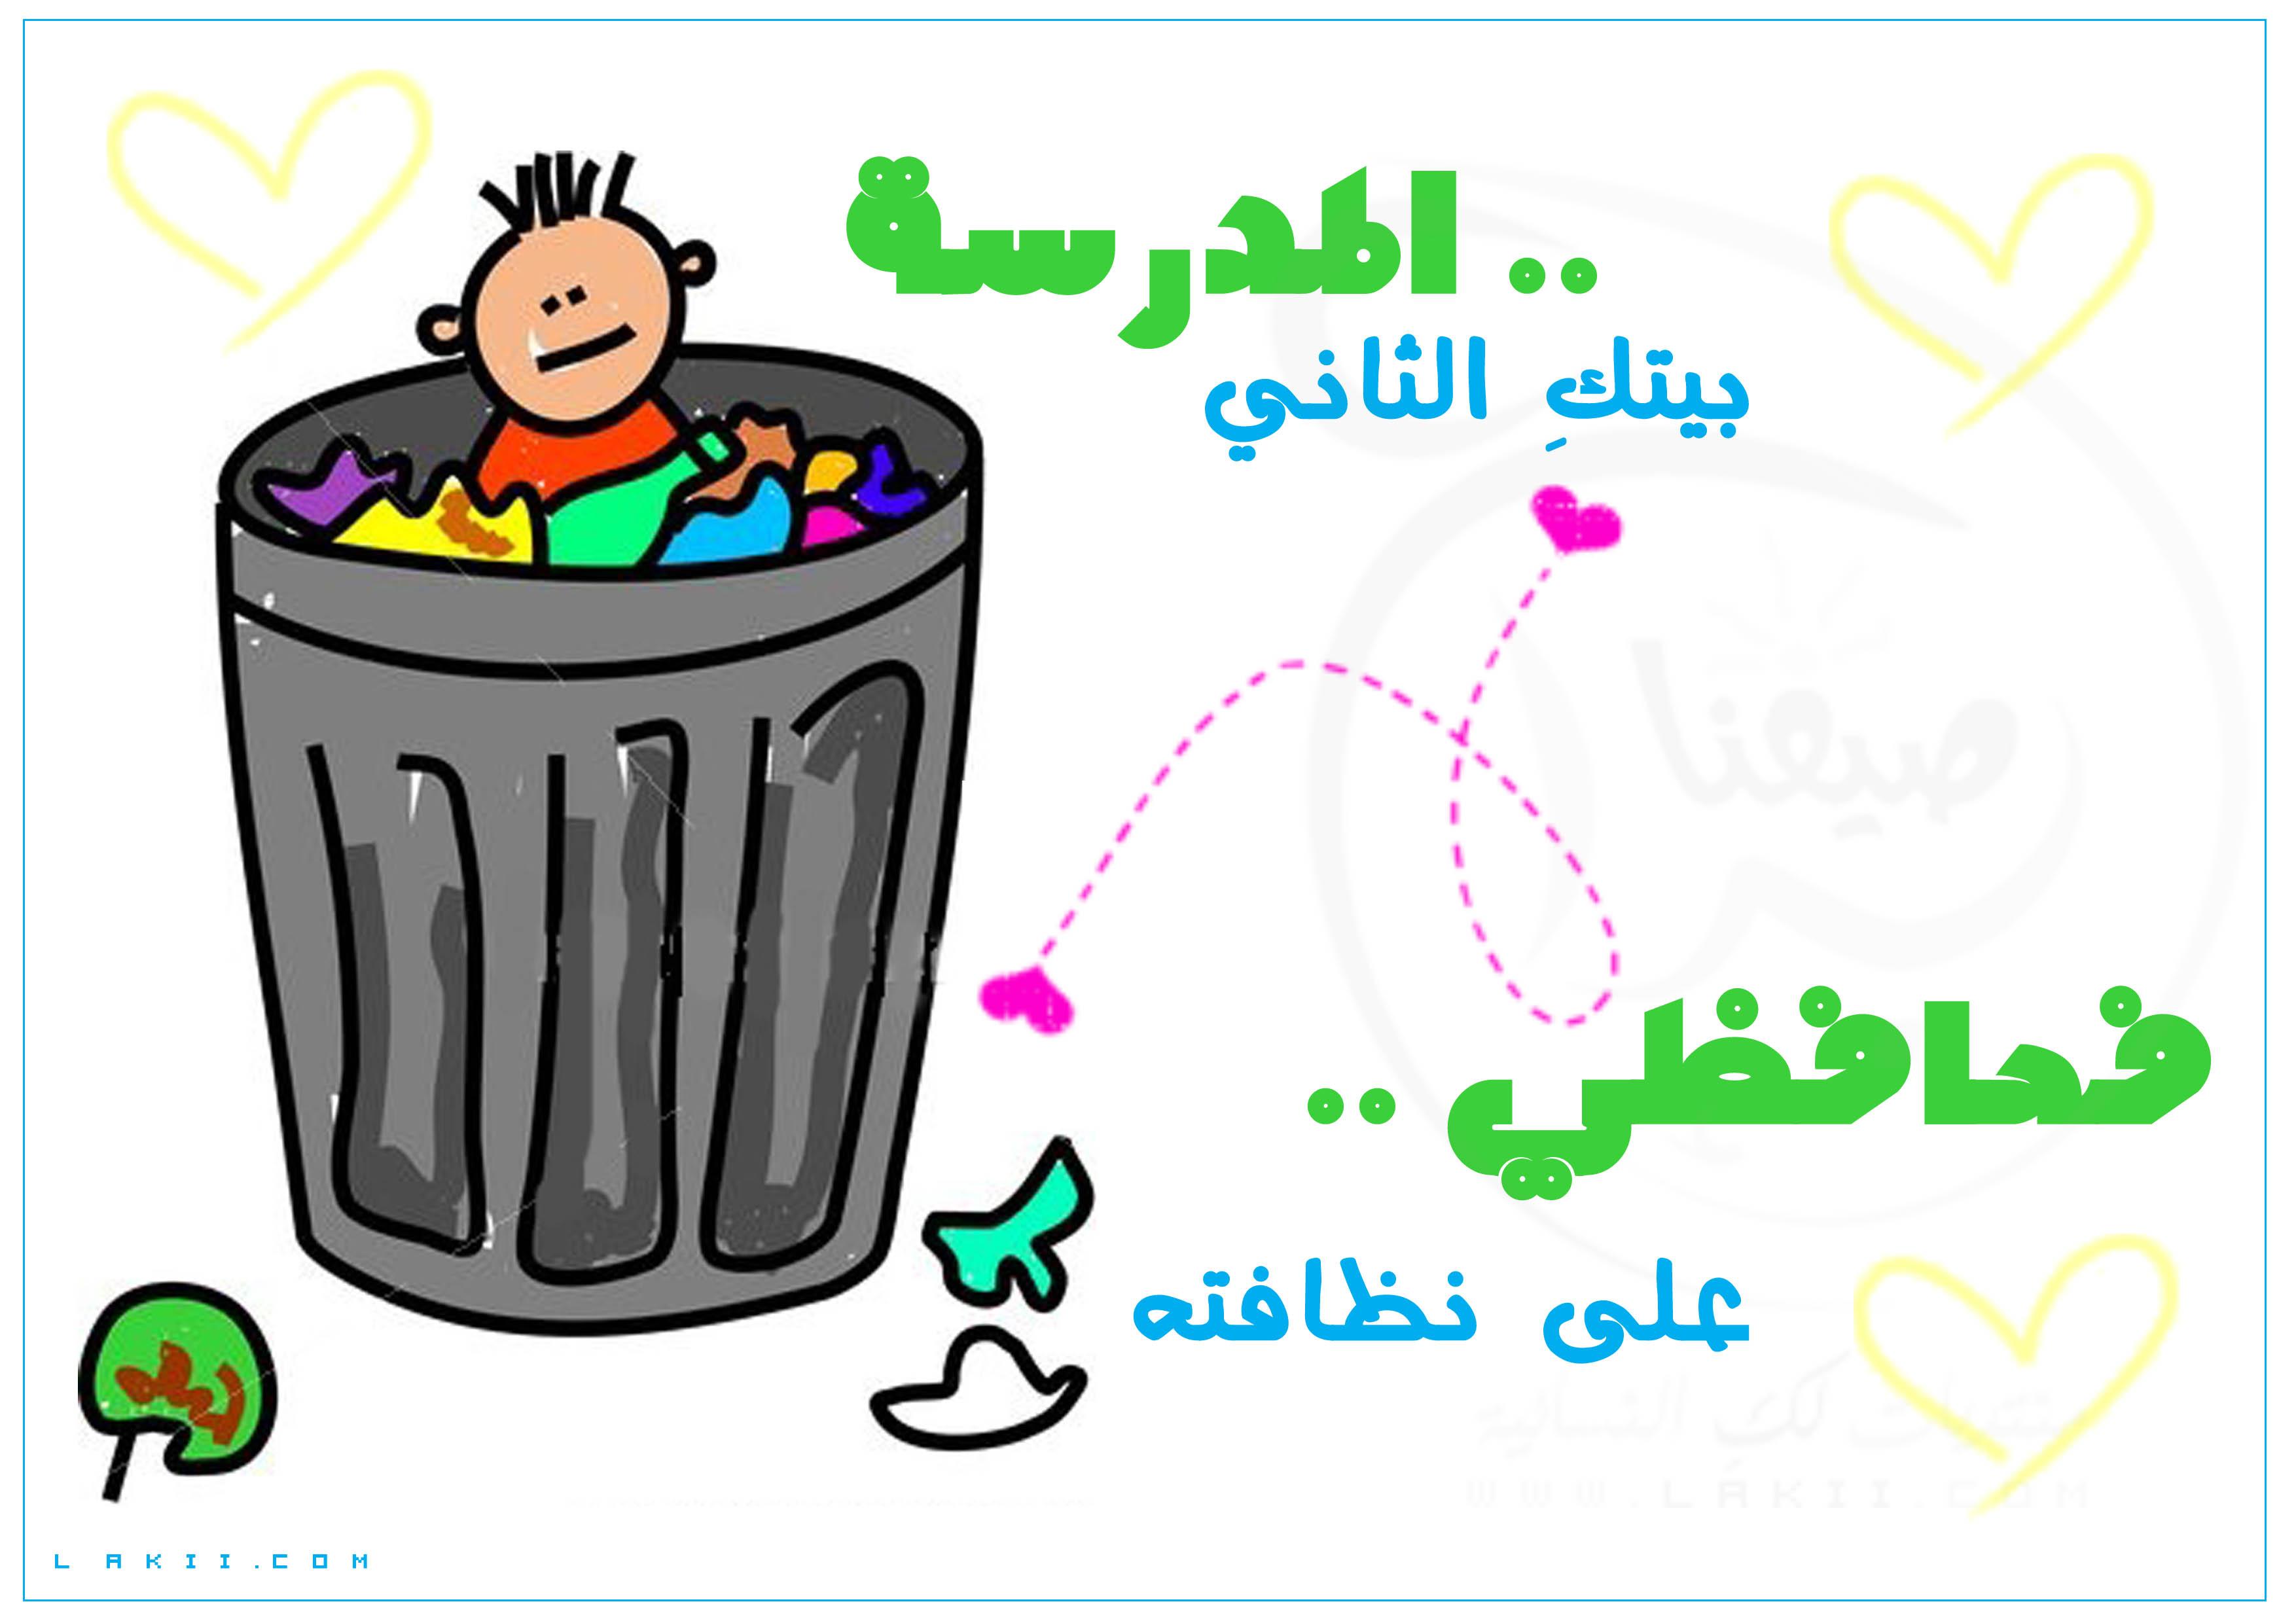 صور عن النظافة في المدرسة , موضوع عن النظافة المدرسية بالصور